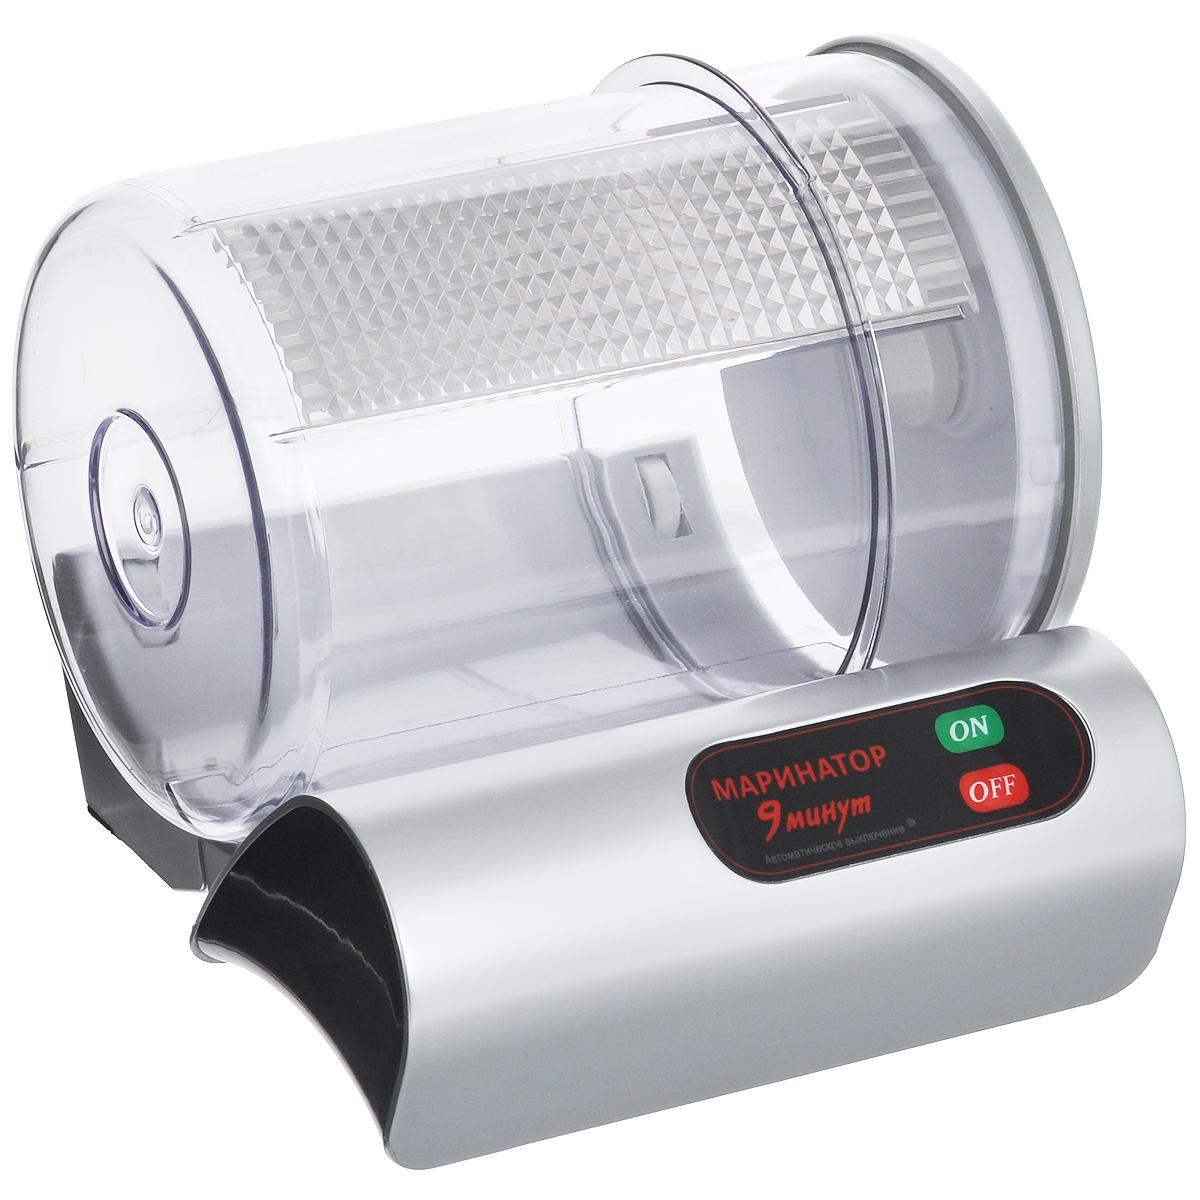 Маринатор Bradex 9 минутVS-506 ЭлектросушкаС помощью маринатора Bradex 9 минут вы действительно сможете удивить своих гостей кулинарными изысками, приготовленными всего за 9 минут. Диапазон применения этого устройства очень велик: им можно мариновать овощи с грядки, готовить мясо или рыбу, при этом процесс маринования сокращается в разы. Принцип работы маринатора Bradex 9 минут в том, что вакуум, конденсируемый в аппарате, воздействует на поры растительных и животных тканей, в результате чего происходит их расширение и значительно увеличивается всасываемость. Механическое перемешивание продуктов в процессе работы маринатора способствует не только глубокому всасыванию маринада, но и его равномерному распределению. Благодаря этому вы получаете качественный маринад, который, сохраняя свежесть и натуральный вкус продуктов, делает их более сочными и насыщенными. Также в маринаторе Bradex 9 минут можно не только быстро и качественно приготовить продукты, но также и хранить их. Благодаря вакууму продукты...